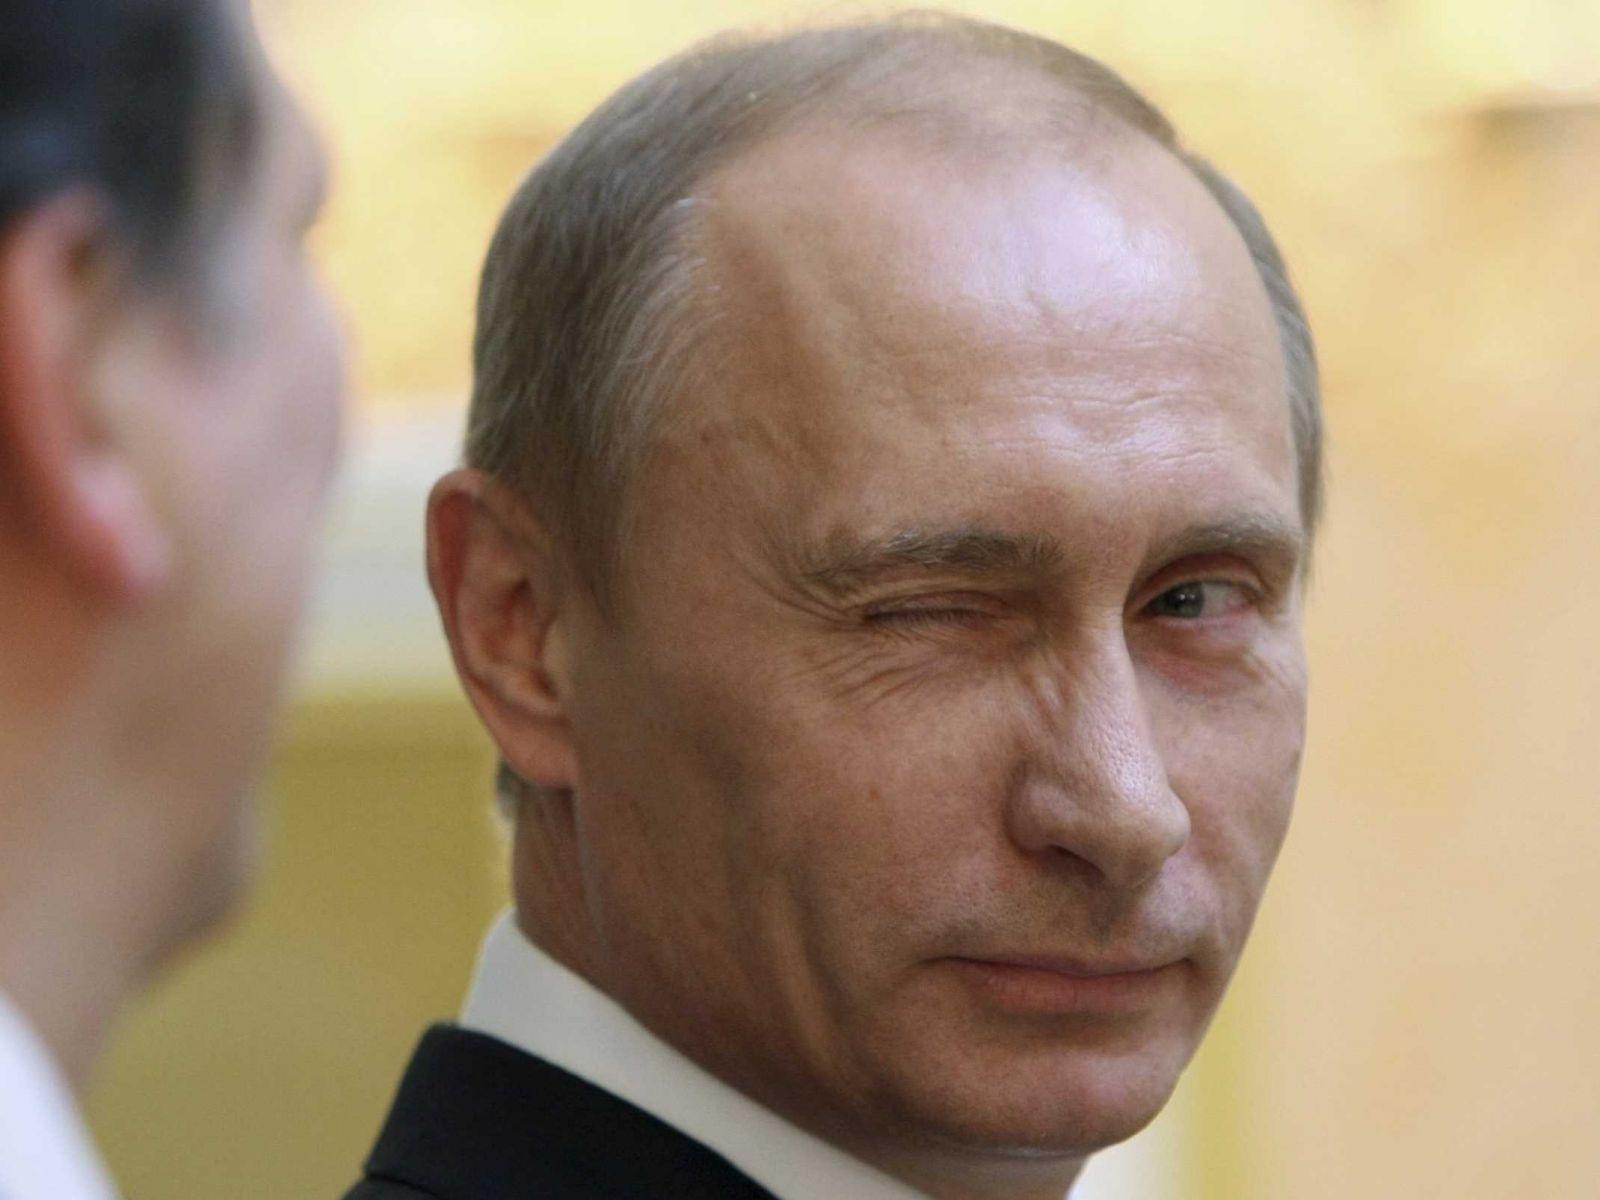 拜登稱中國威脅到俄羅斯,挑撥意圖明顯,普京怎麼回懟?